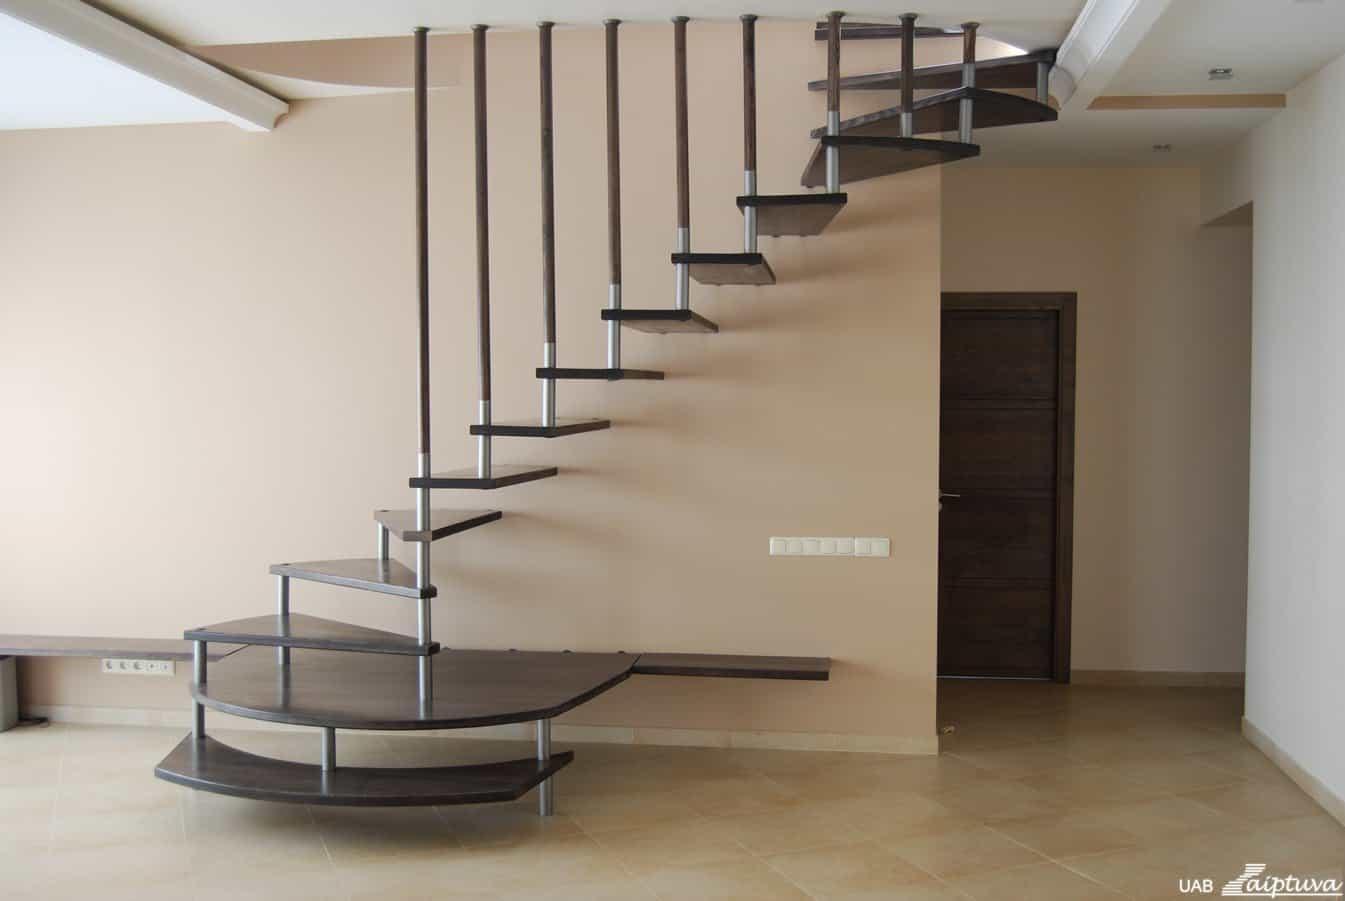 Kabantys laiptai K1-2